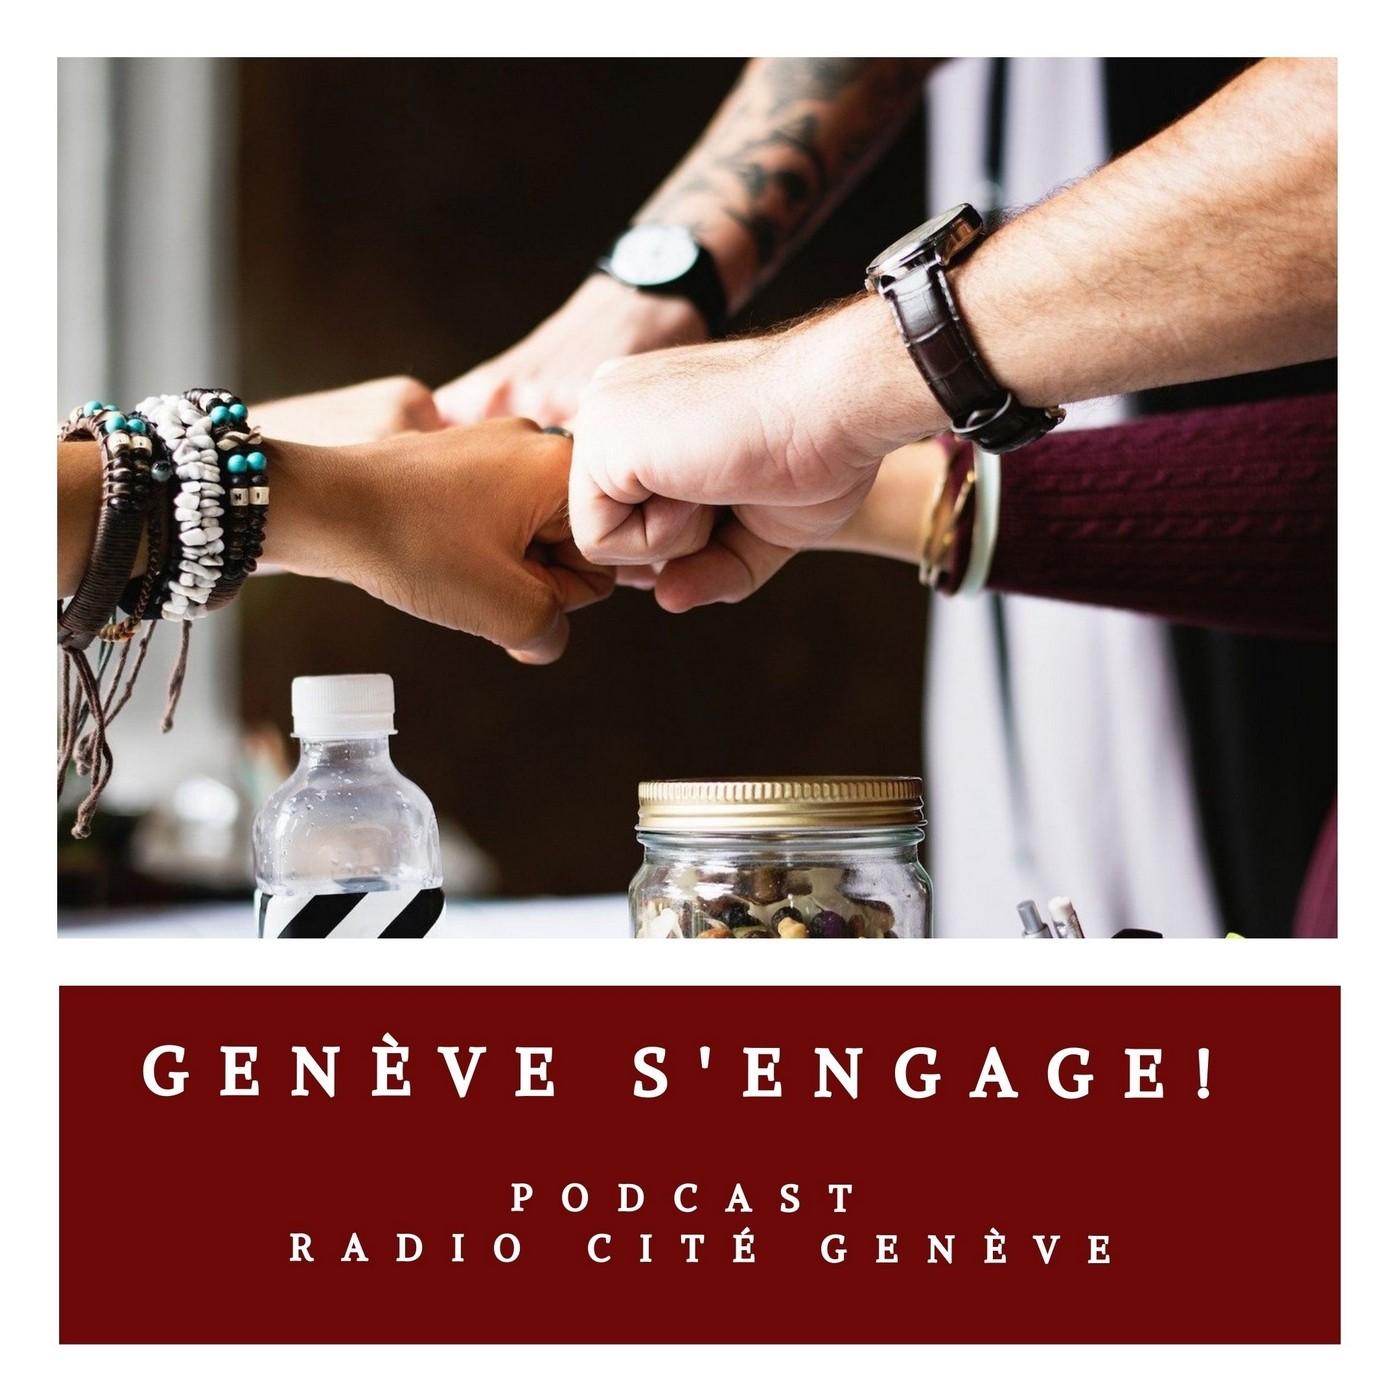 25/02/2021 - Genève s'engage pour les médias locaux